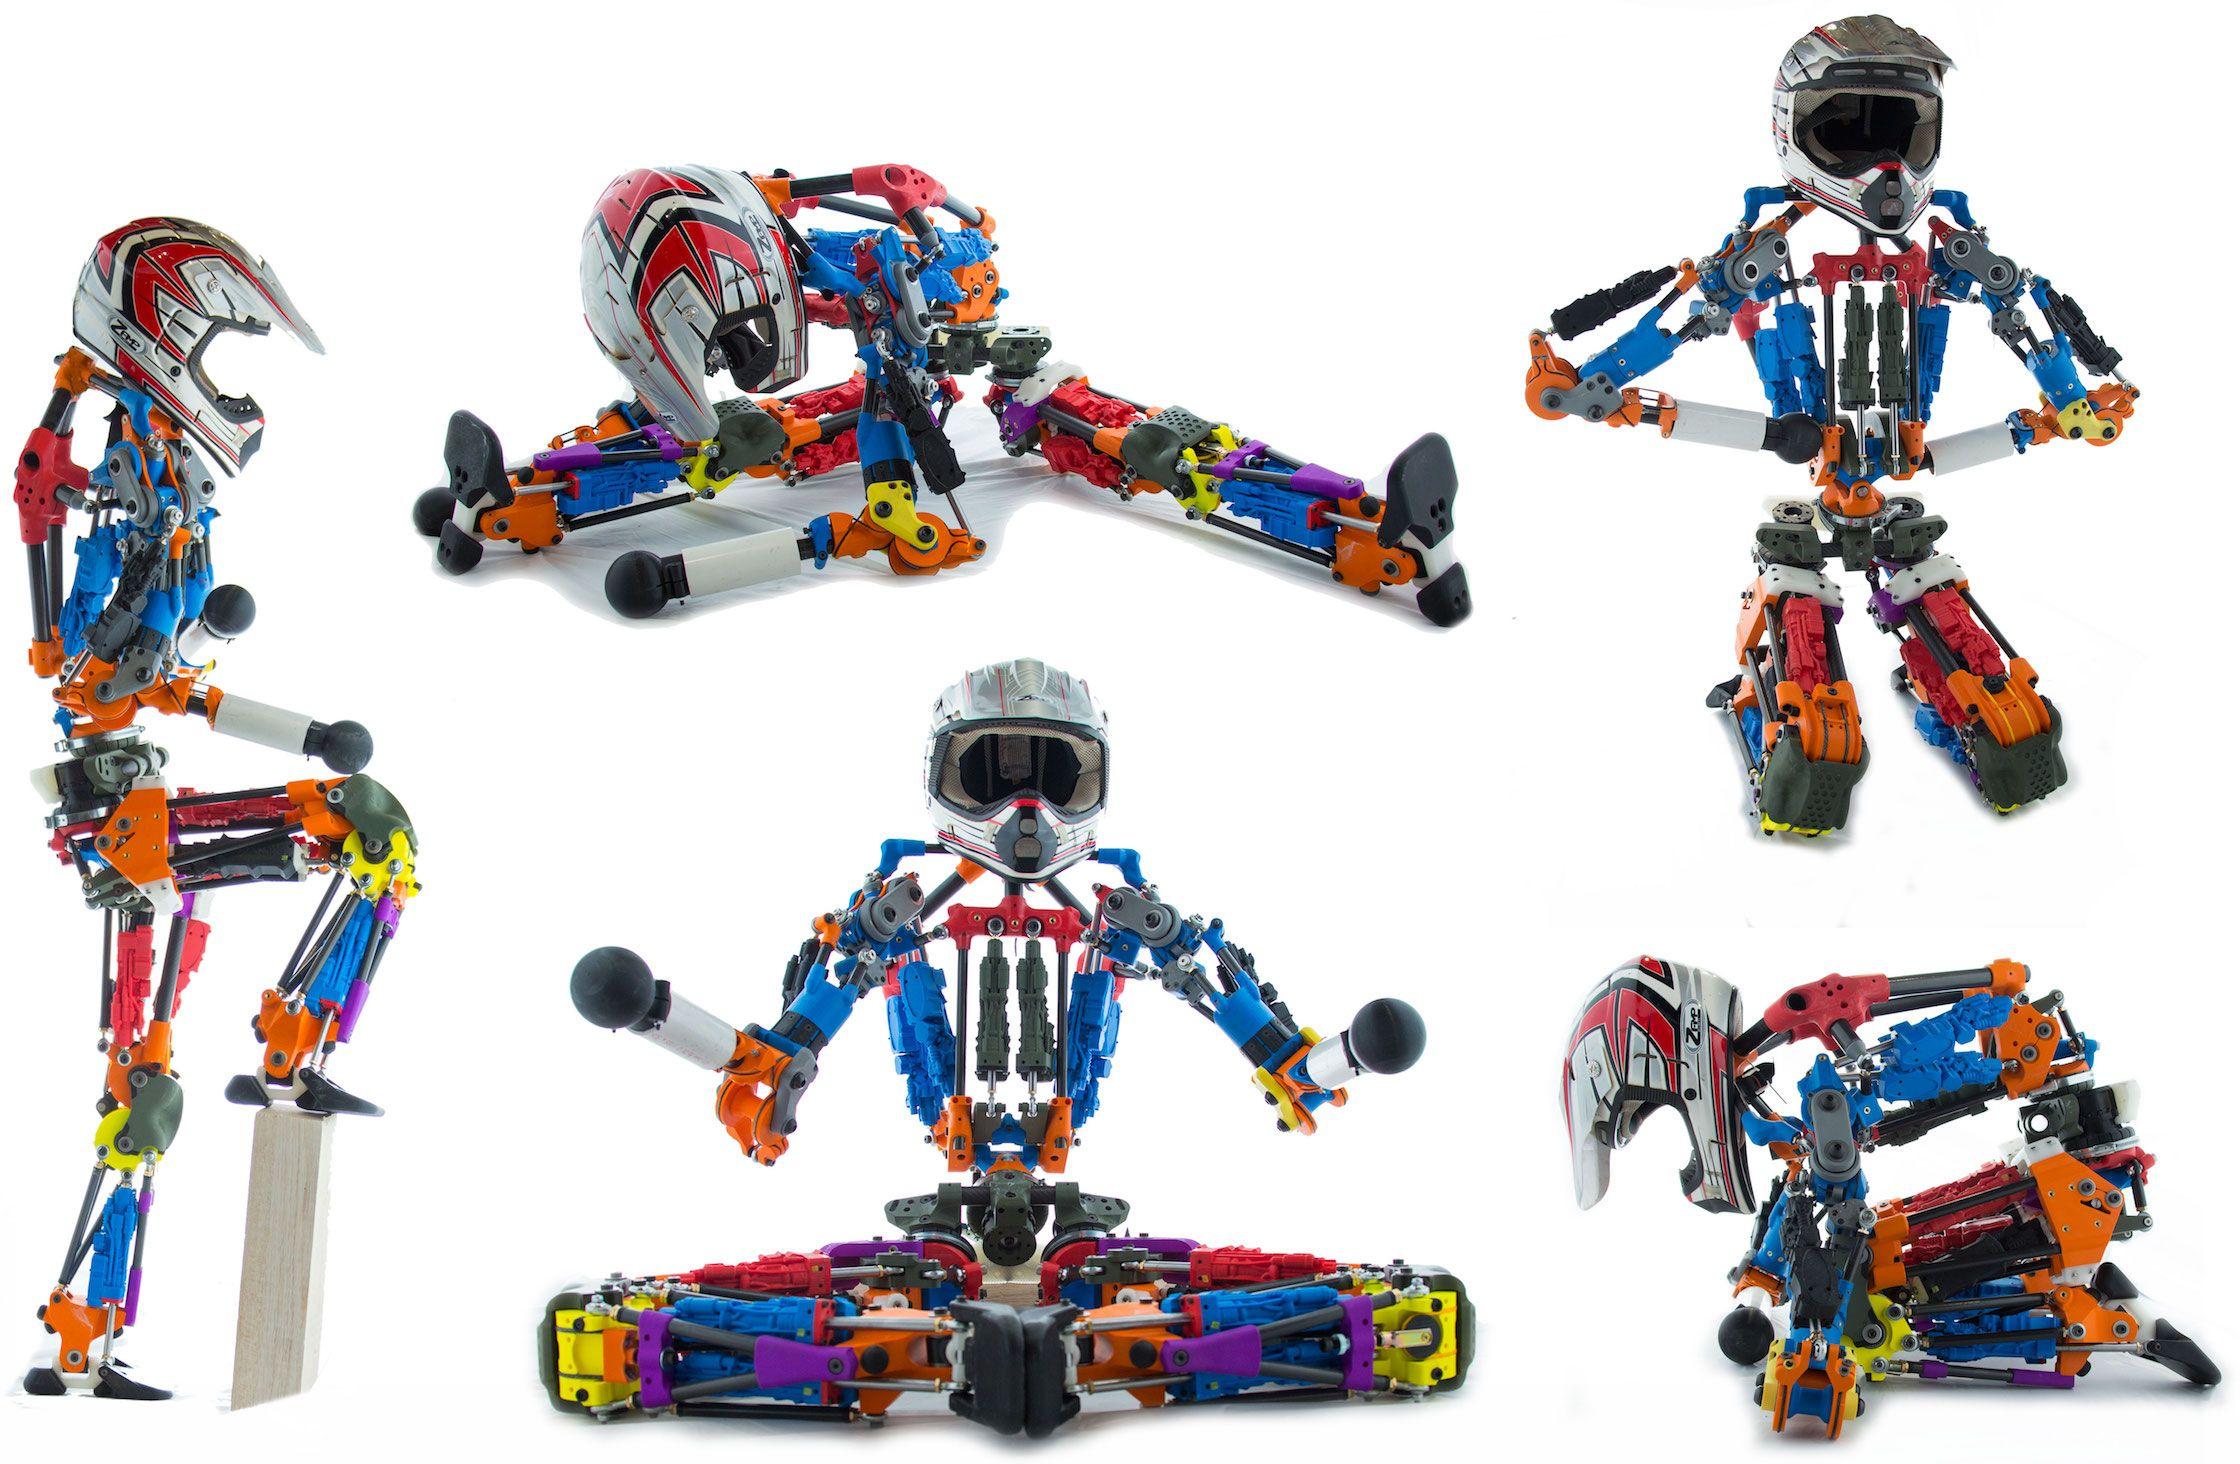 IHMC Nadia Humanoid Robot